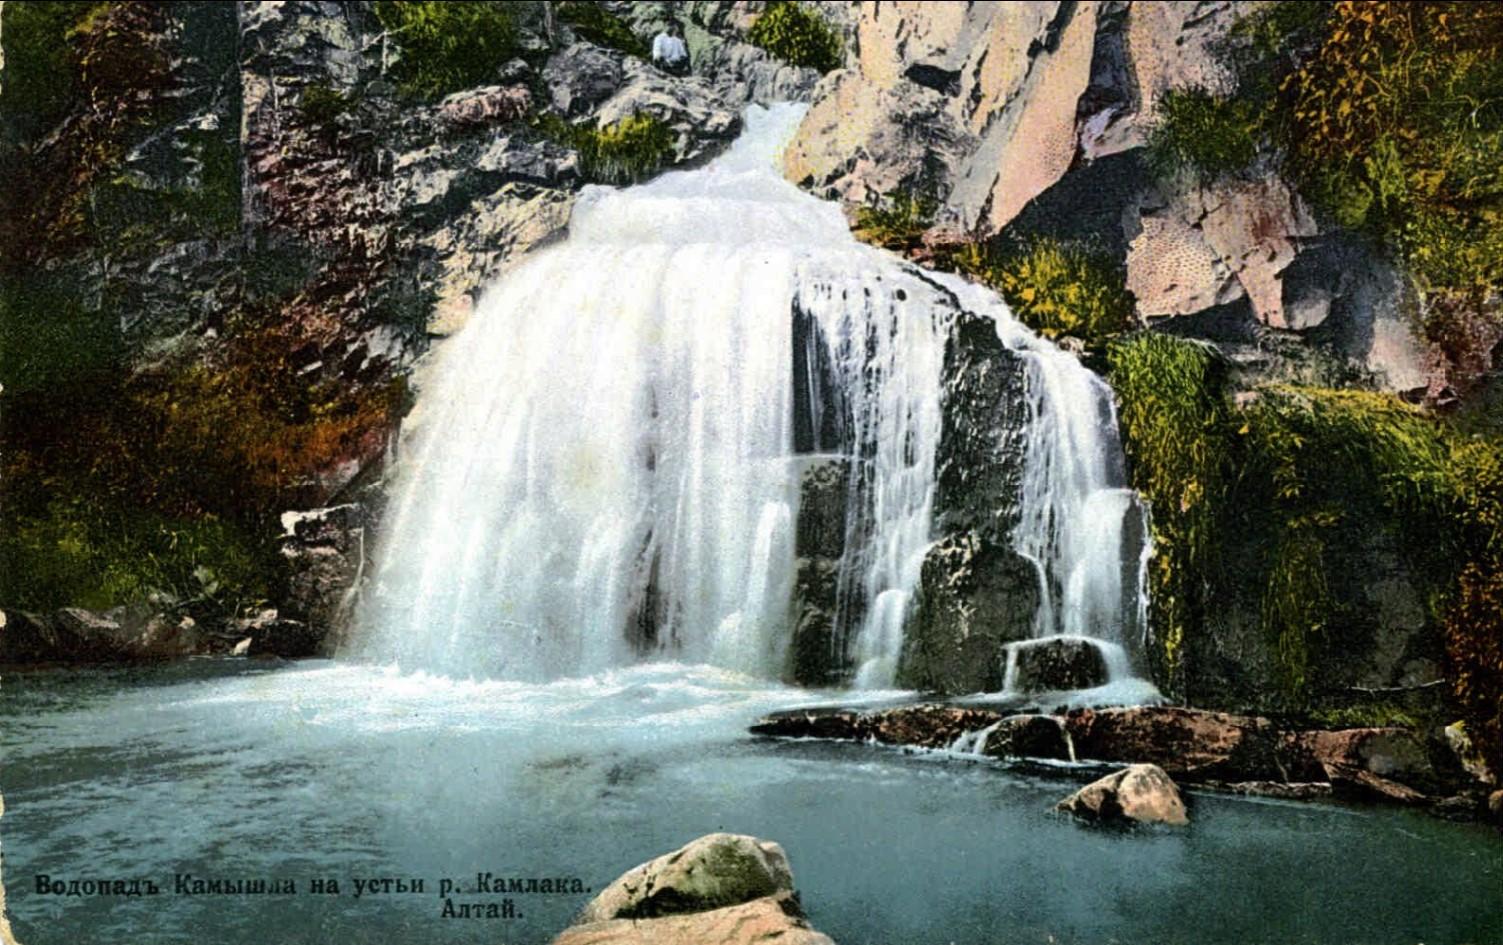 Водопад Камышла на устьи р. Калмака